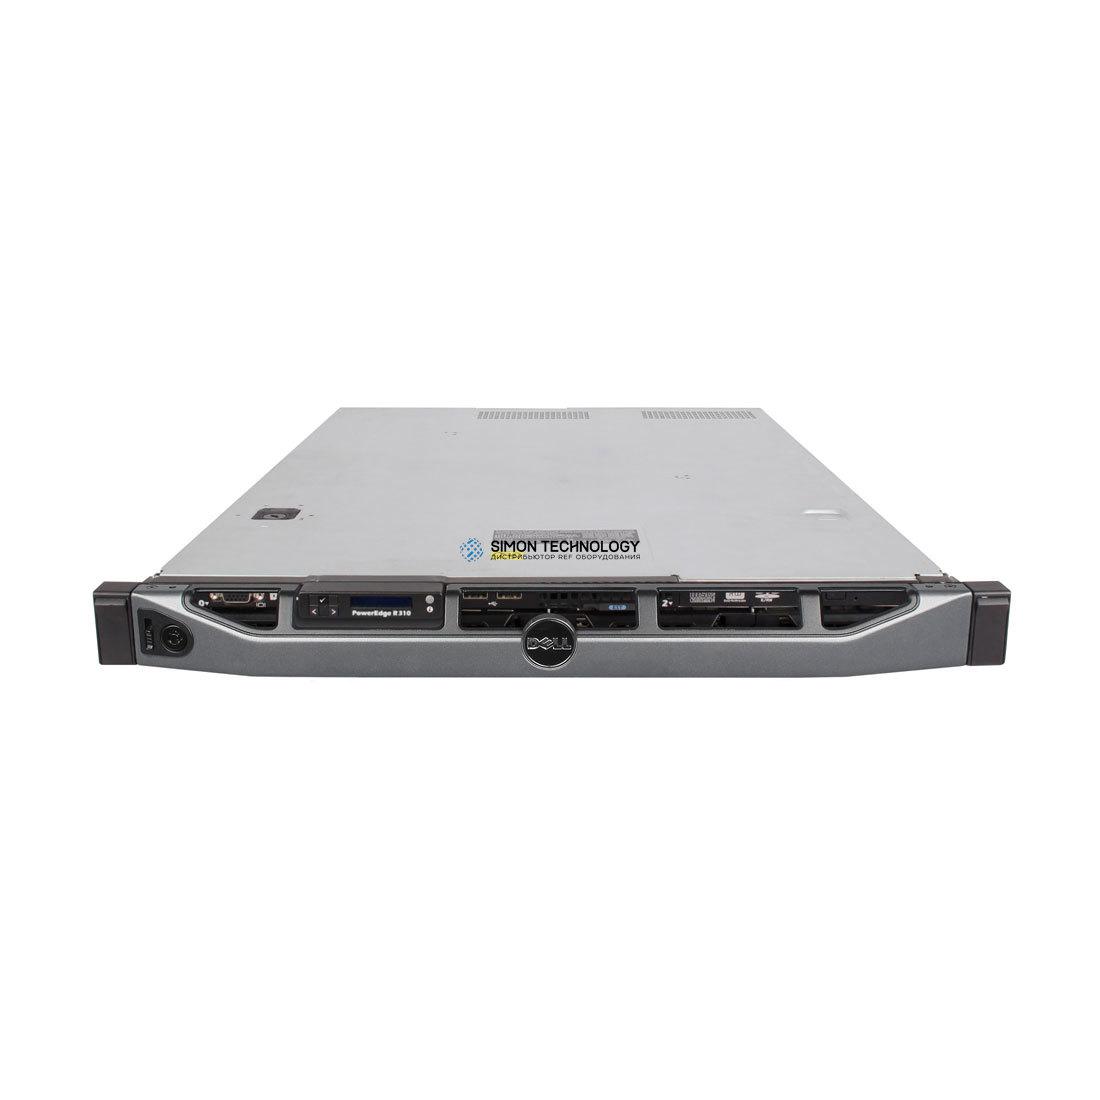 Сервер Dell PER310V2 X3450 1P 32GB PERC 6I 4 LFF 1X PSU (R310-X3450)